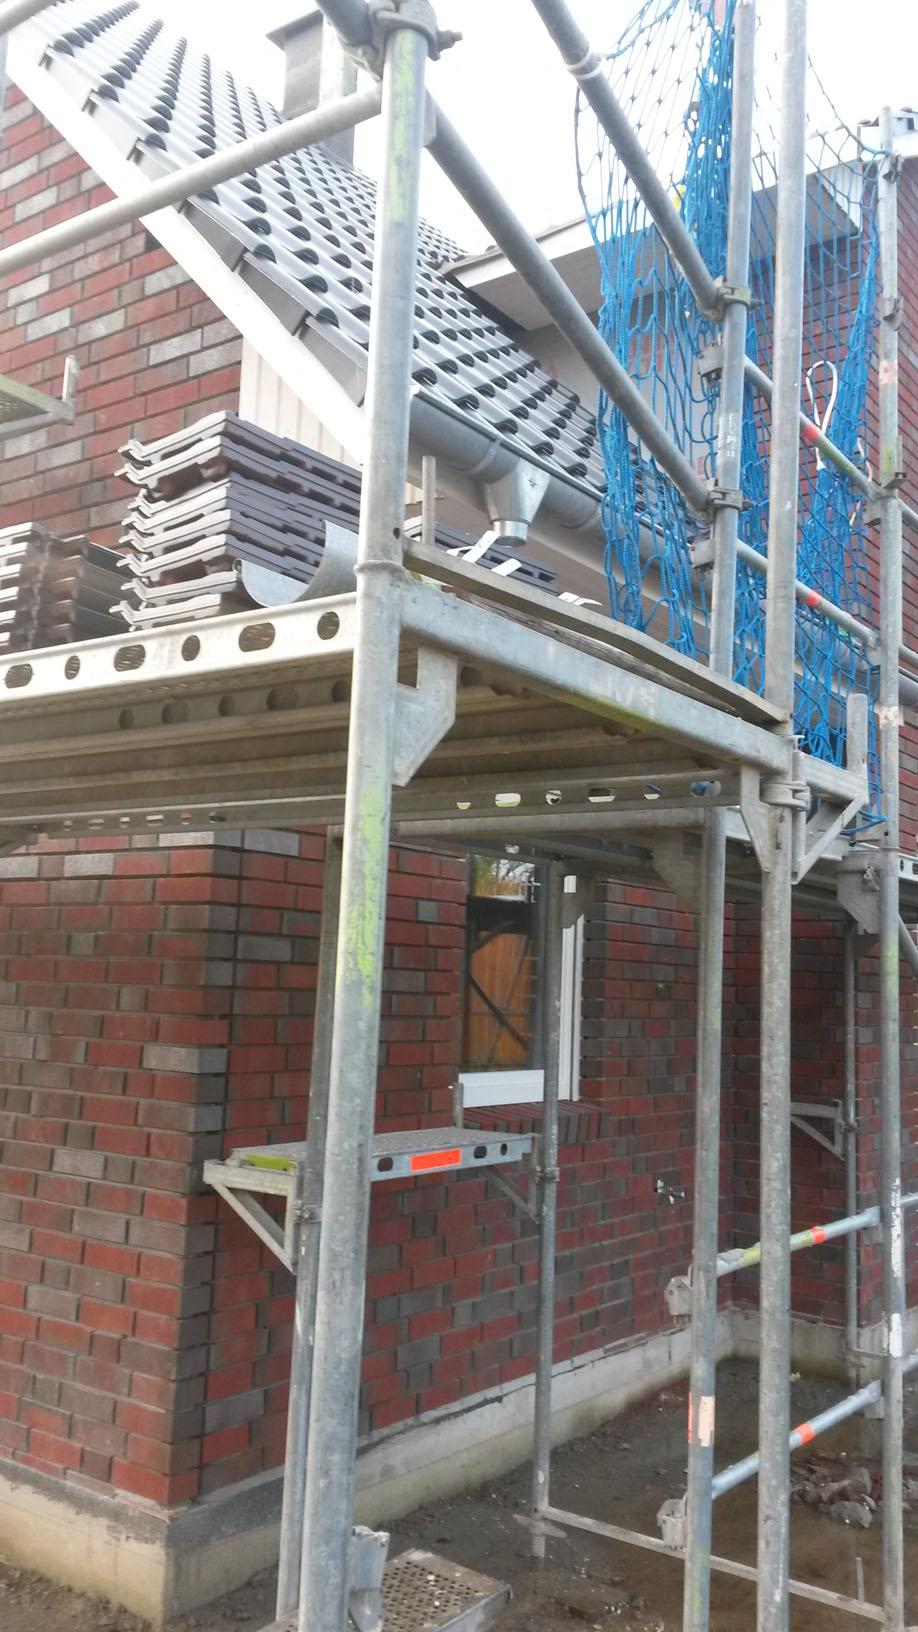 Kosten Dach Decken Gartenhaus Dach Decken Kosten My Blog Dach